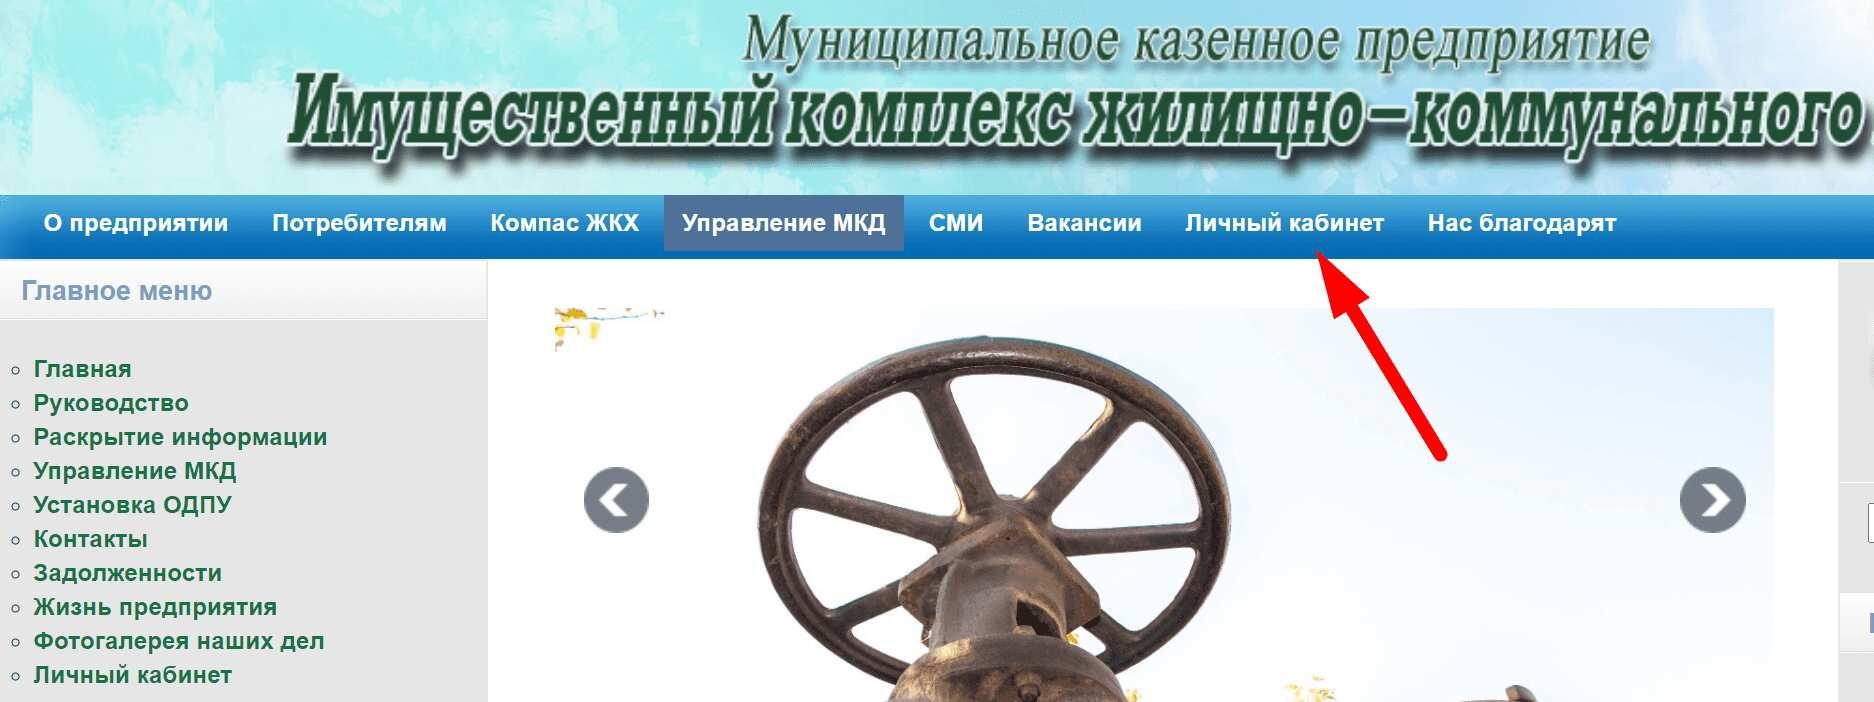 Официальный сайт компании «ИКЖКХ»